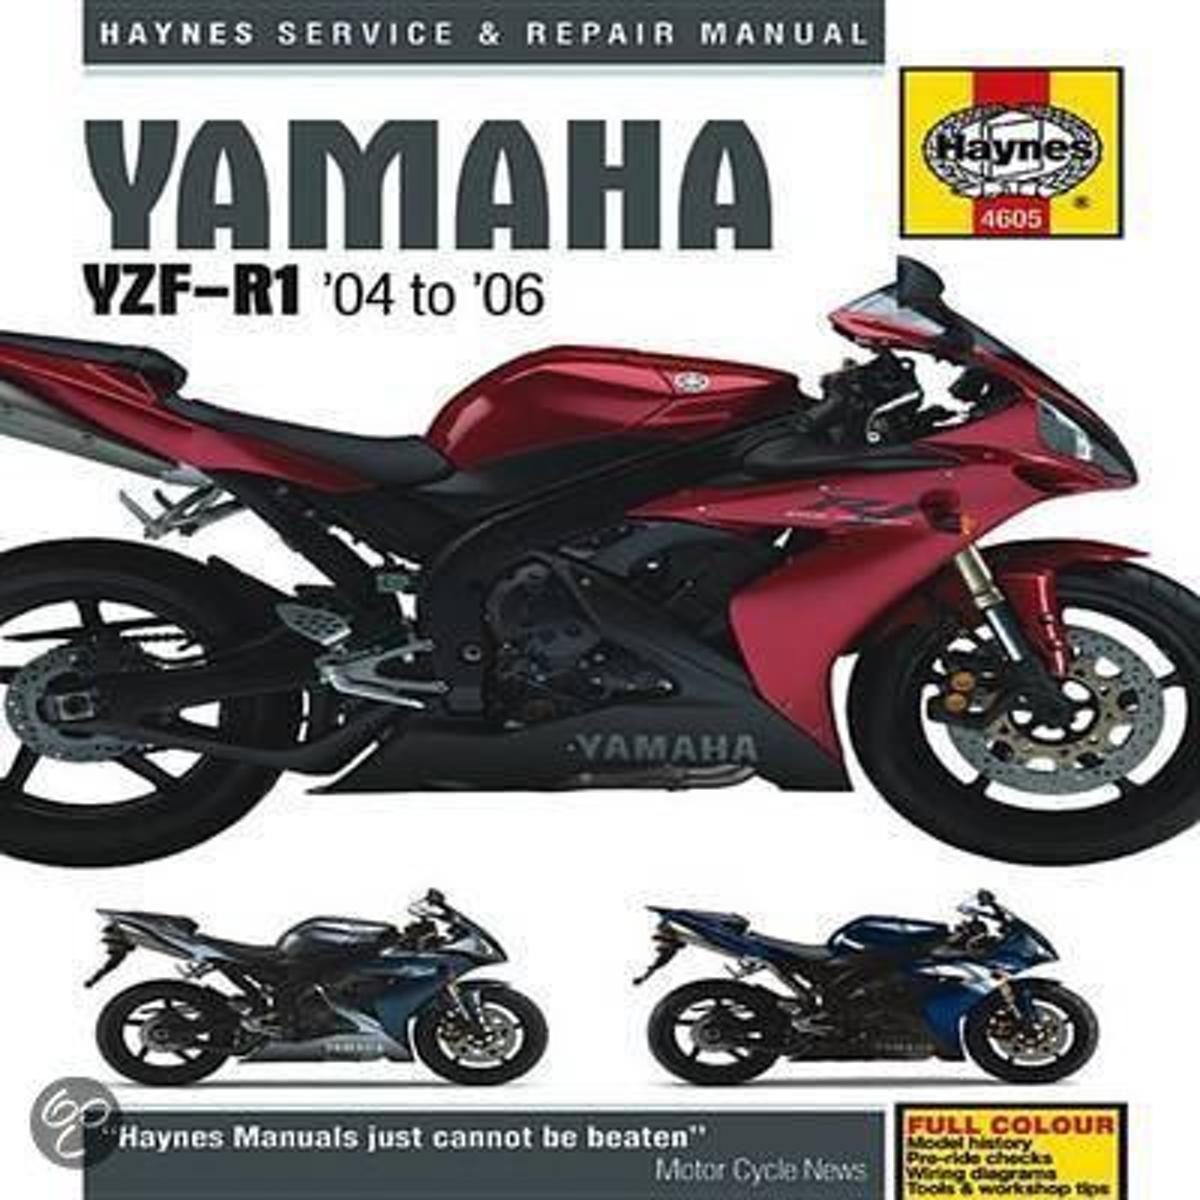 bol.com | Yamaha YZF-R1 Service and Repair Manual, Matthew Coombes |  9781844256051 | Boeken